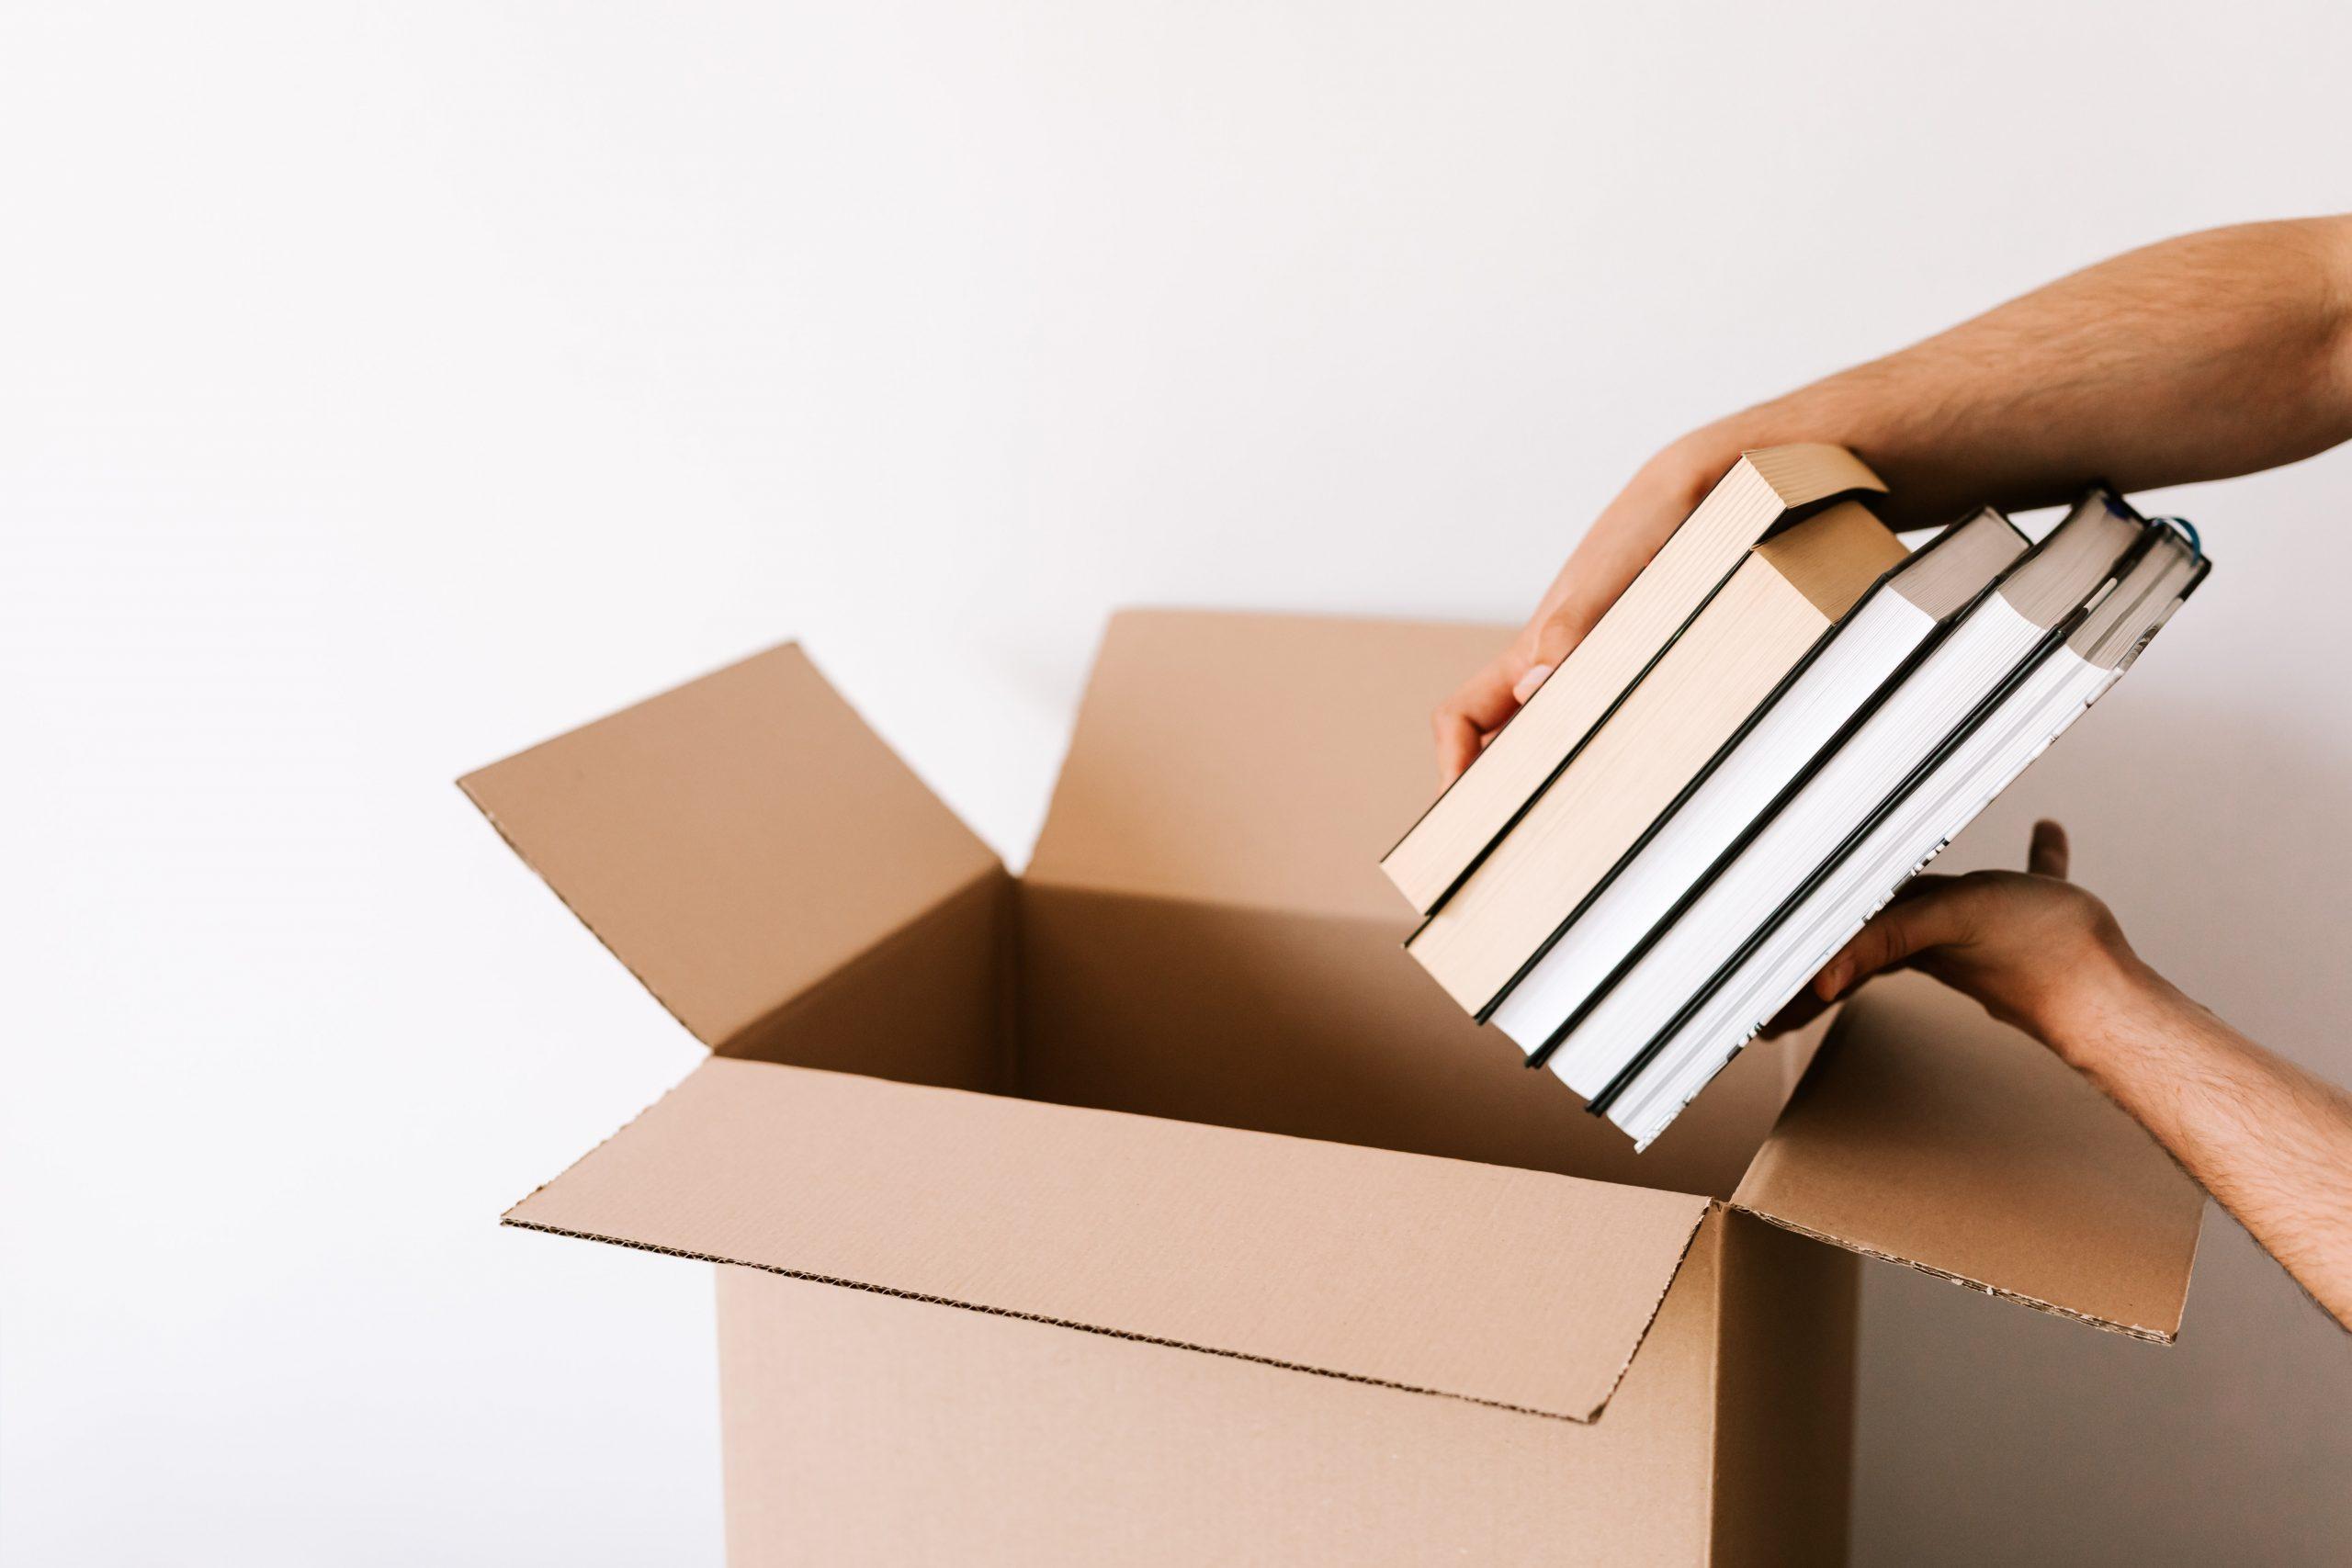 Pessoa colocando livros na caixa de papelão